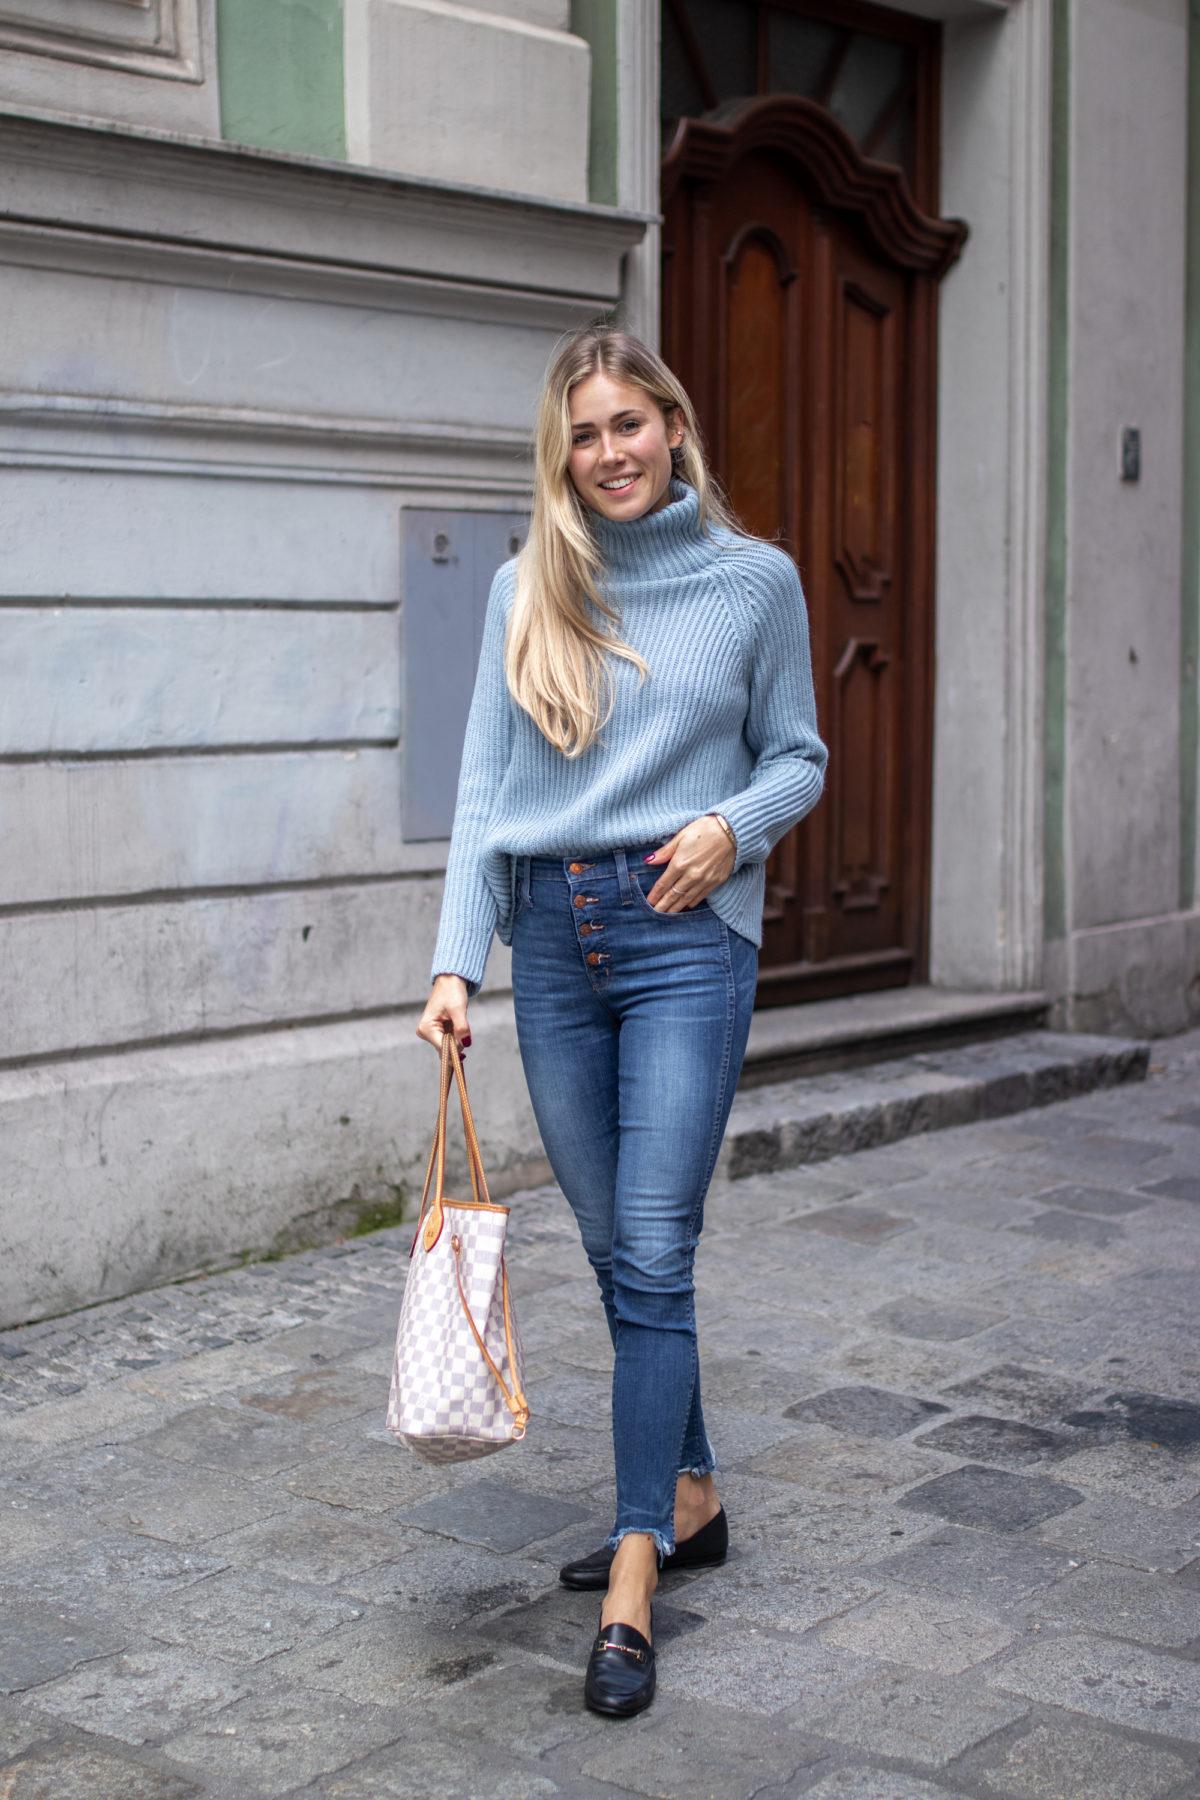 Outfit: Drykorn Arwen auf dem österreichischen Lifestyle Blog Bits and Bobs by Eva. Mehr Fashion und Mode auf www.bitsandbobsbyeva.com